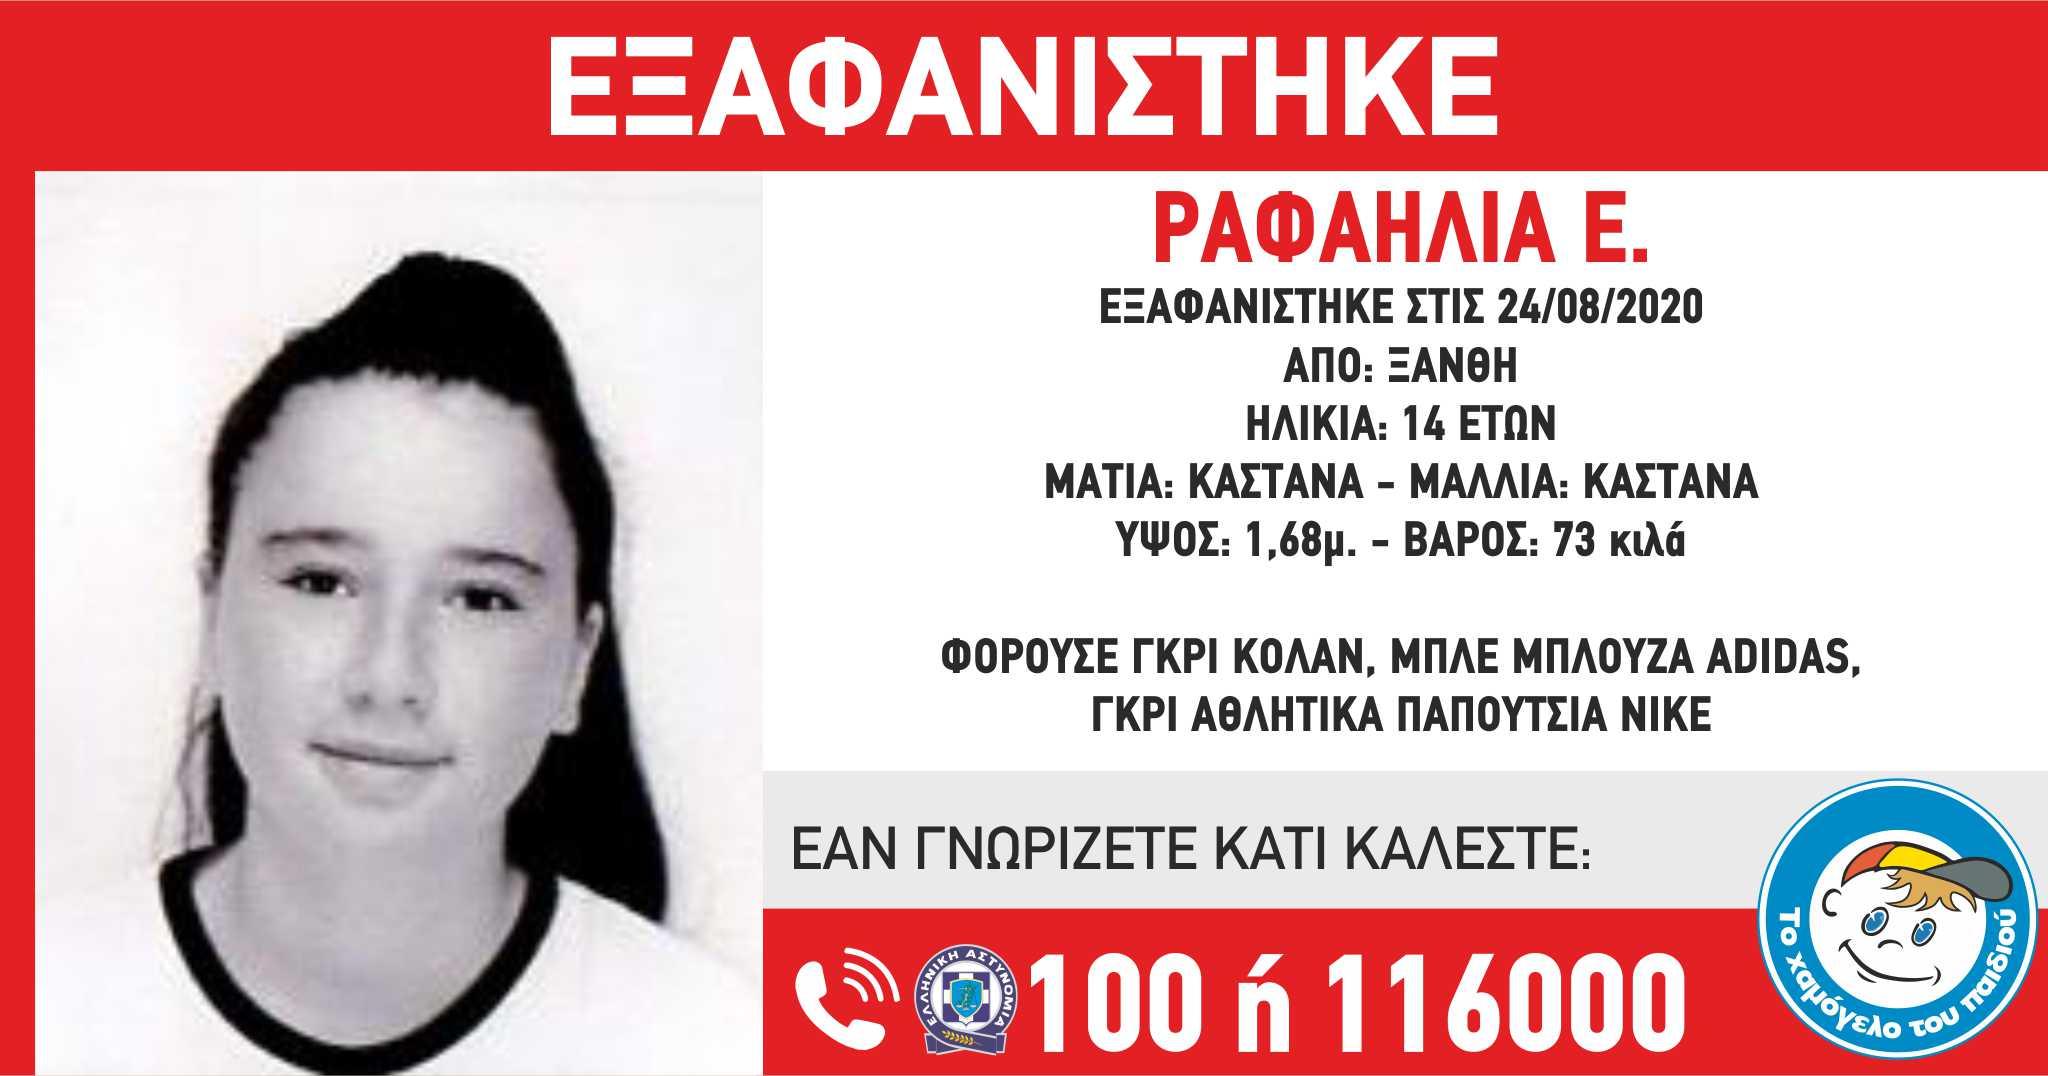 Συναγερμός στην Ξάνθη - Εξαφανίστηκε 14χρονη